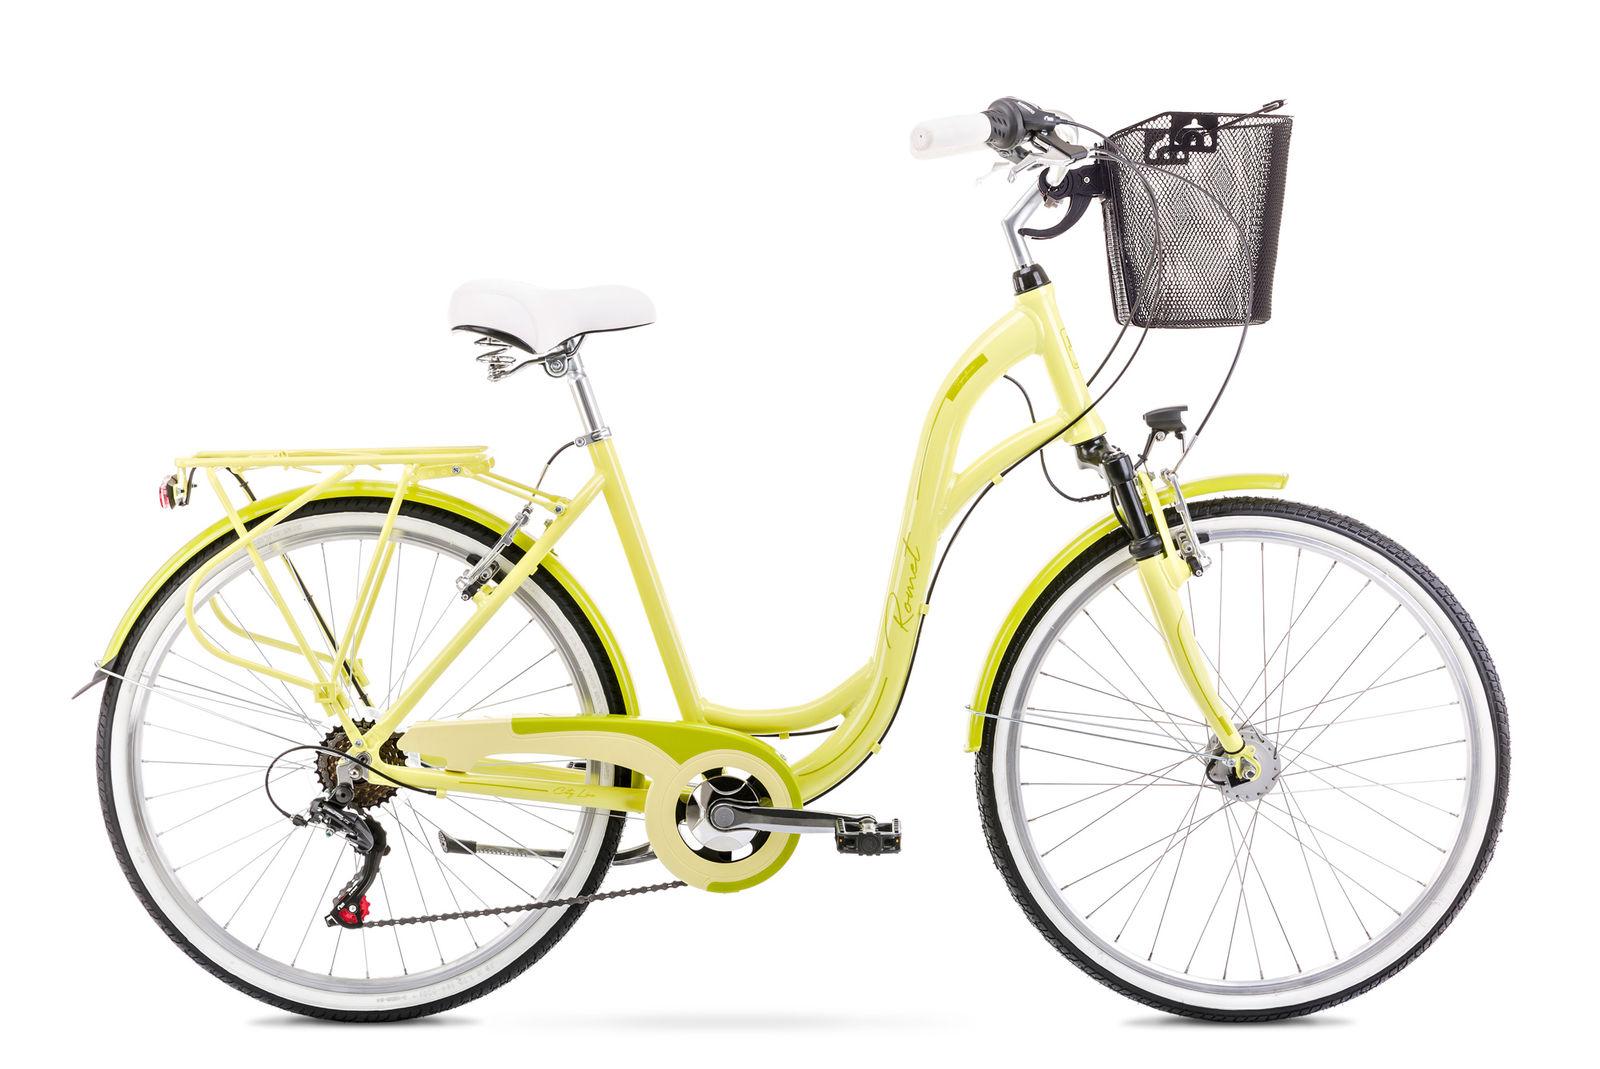 Bicicleta de oras pentru femei Romet Symfonia 1 Verde deschis 2021 imagine